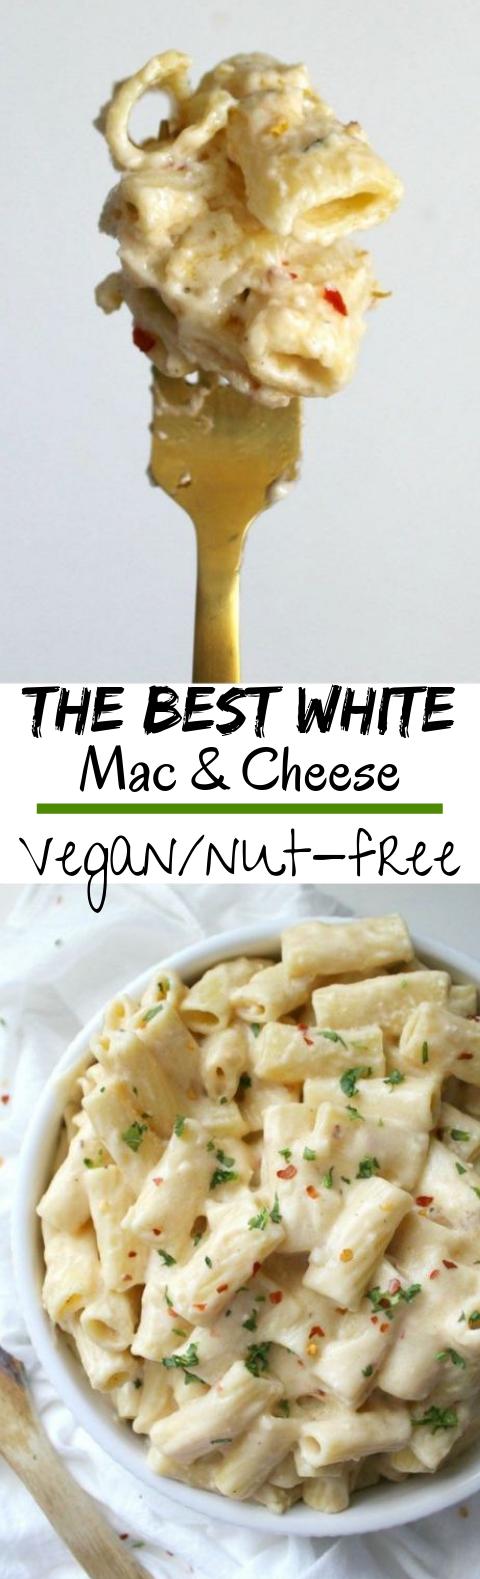 Best Vegan White Mac and Cheese #vegetarian #pasta